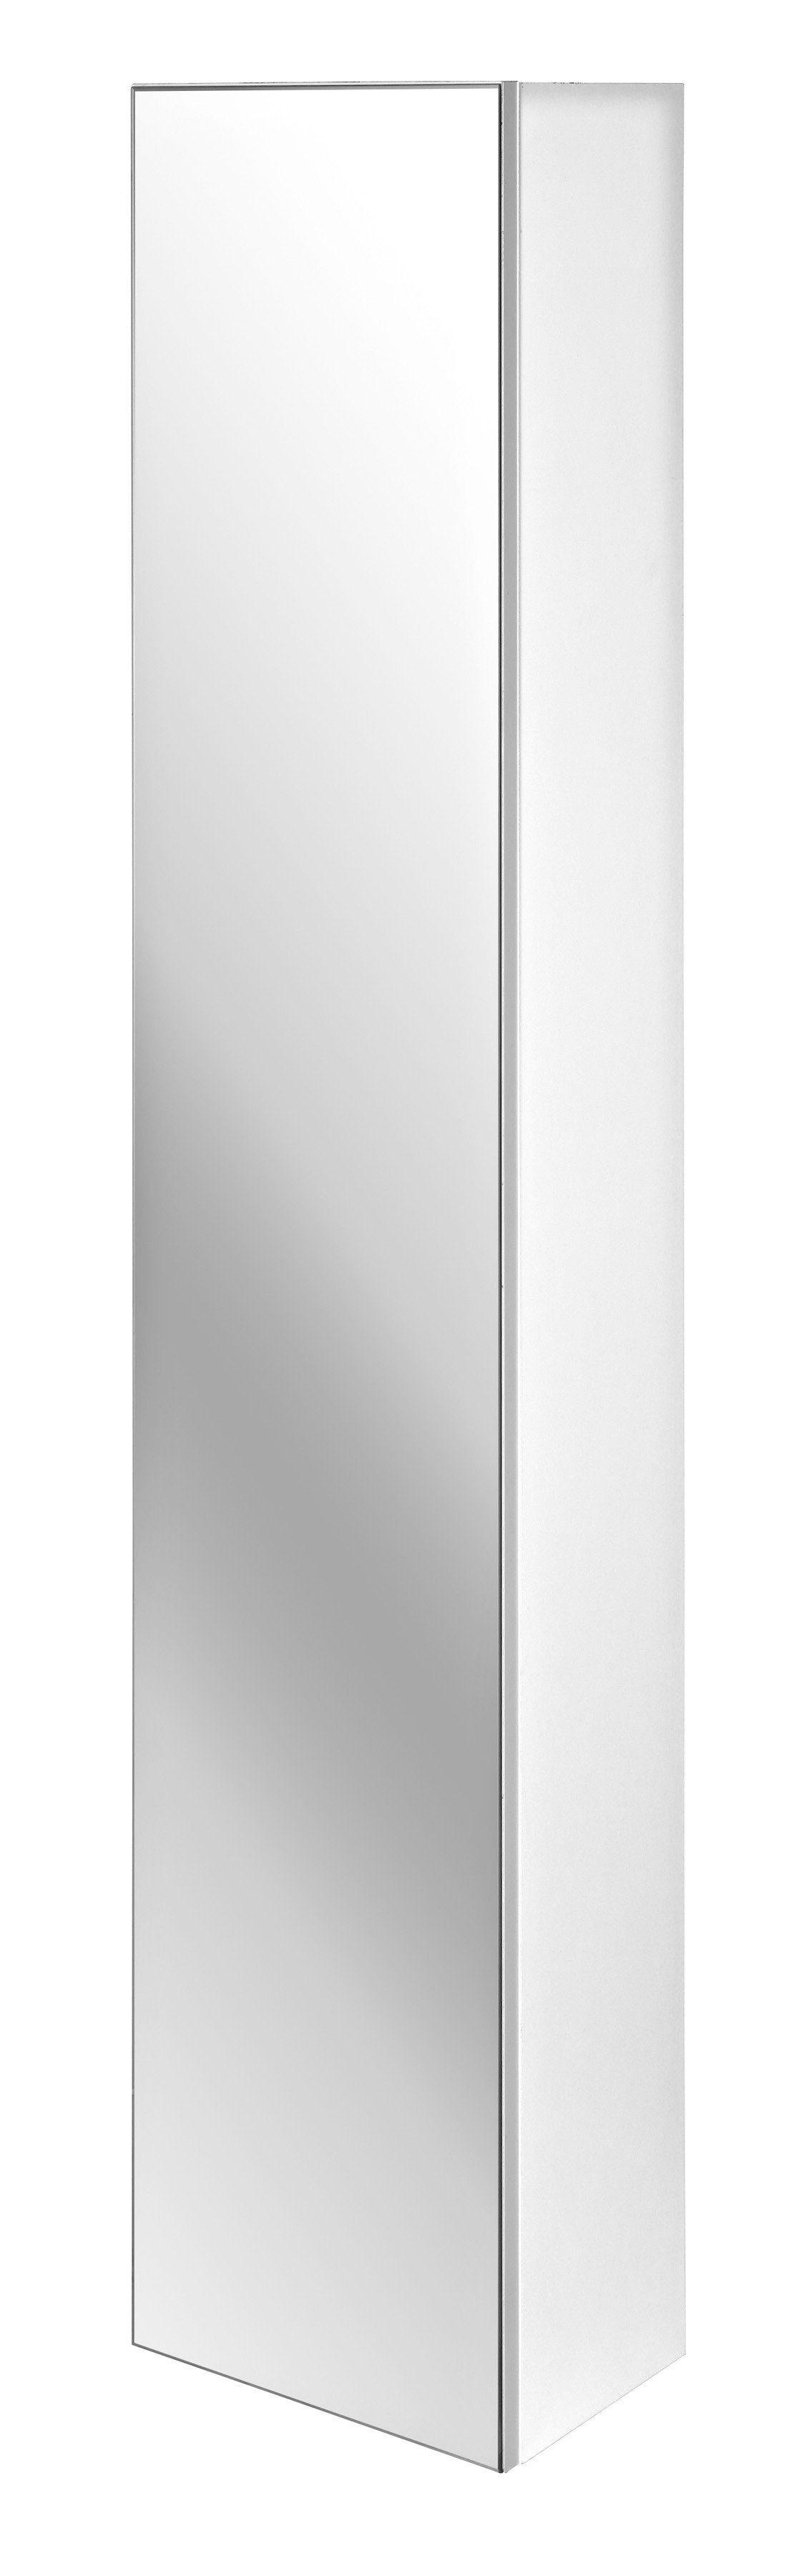 Kesper Hochschrank »Athen«, mit Spiegelfront, Breite 30 cm